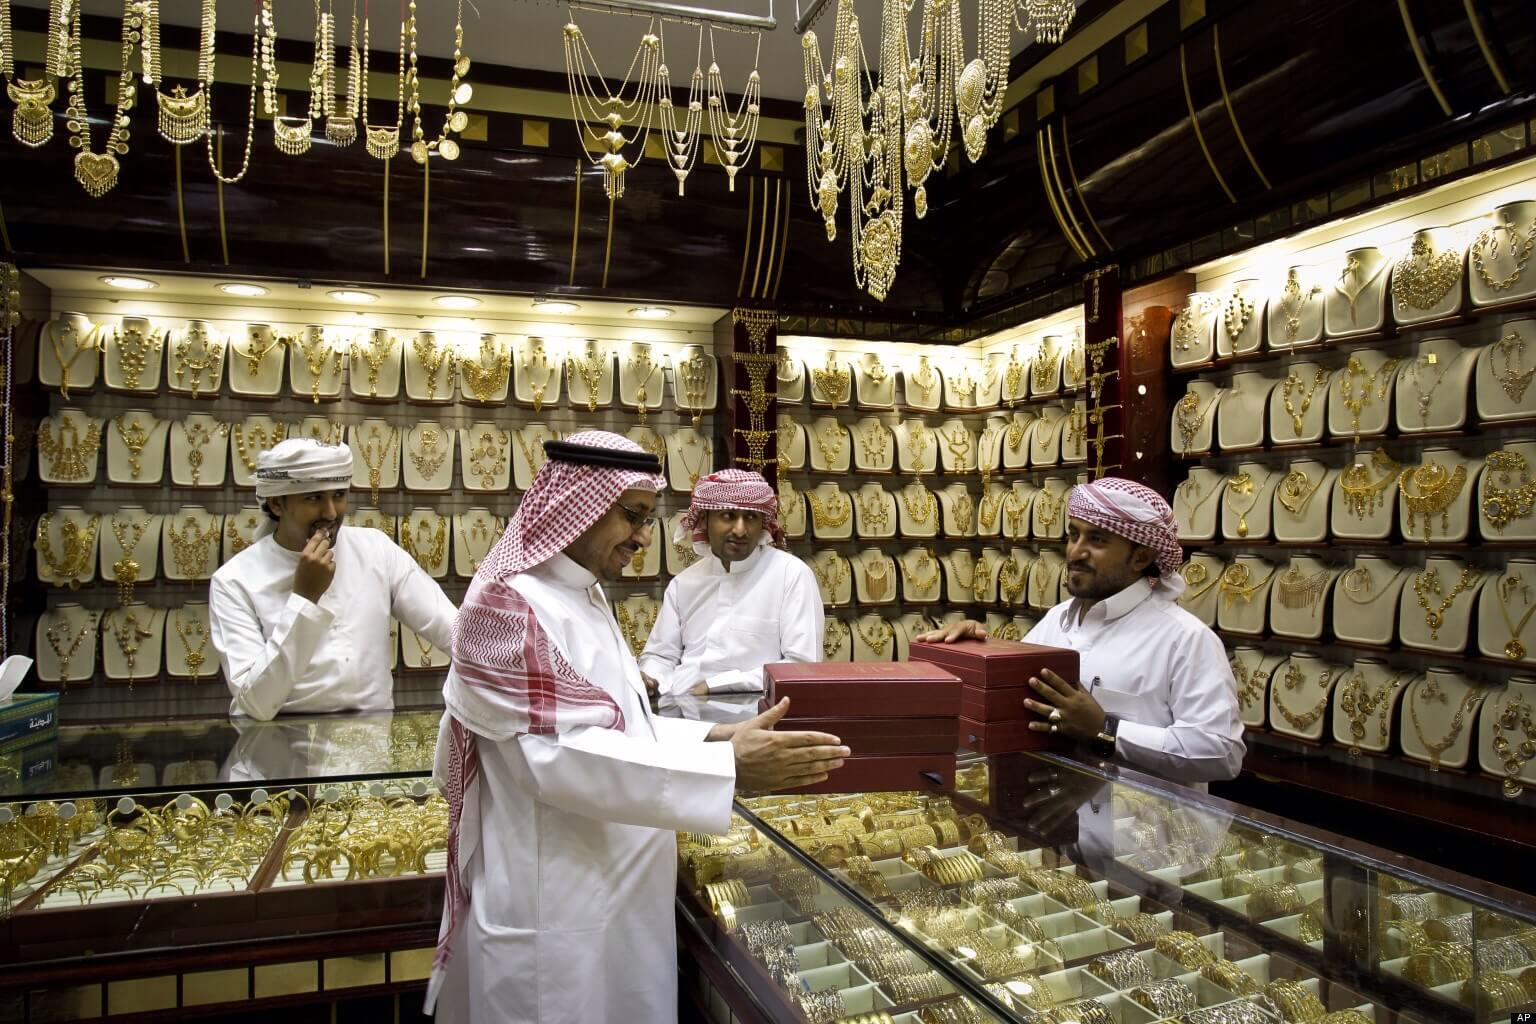 Que faire à Dubaï pour des activités inédites ? S'émerveiller de la quantité incroyable d'or présente au Gold Souk et de la magnificence des bijoux en or.